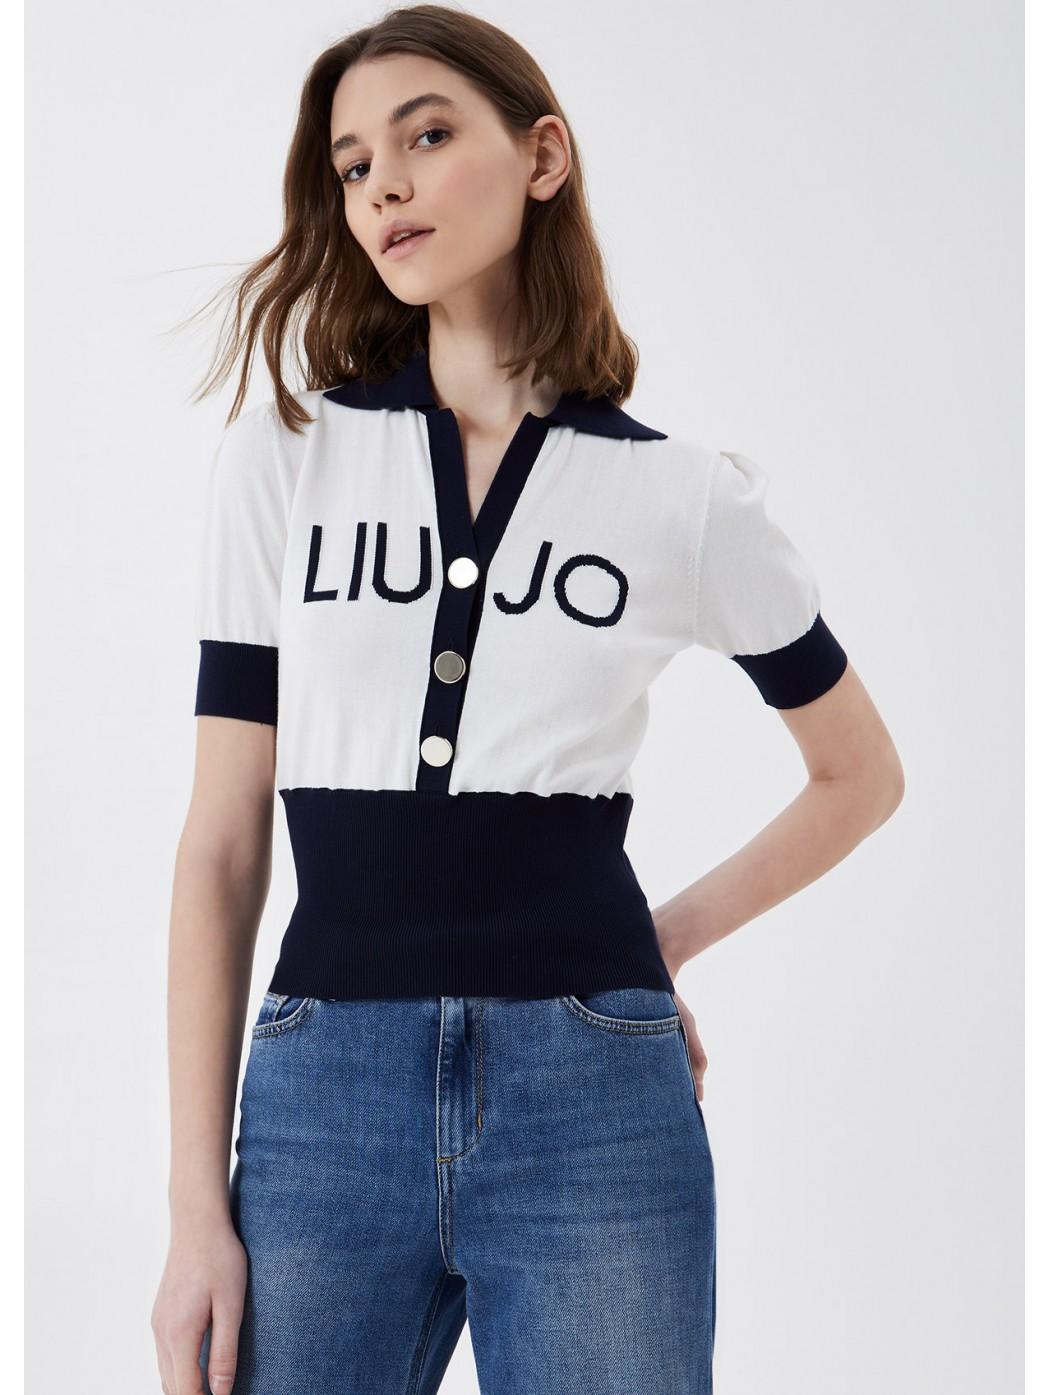 T-shirt in maglia con logo LIUJO JEANS CORE MA1068MA32L B3882